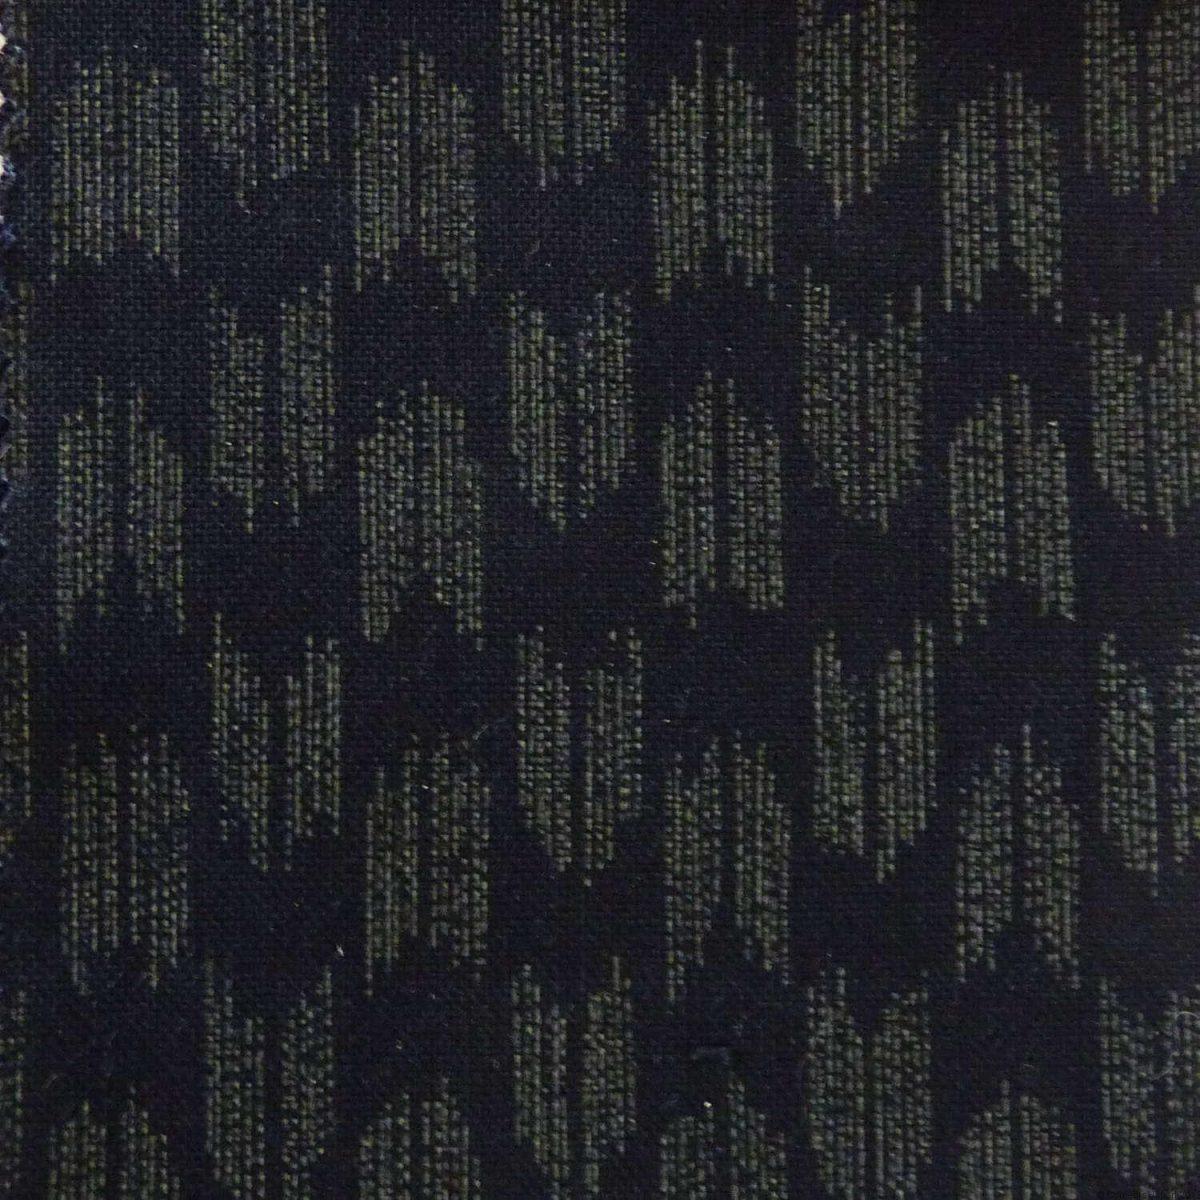 Tissu indigo avec motif yagasuri